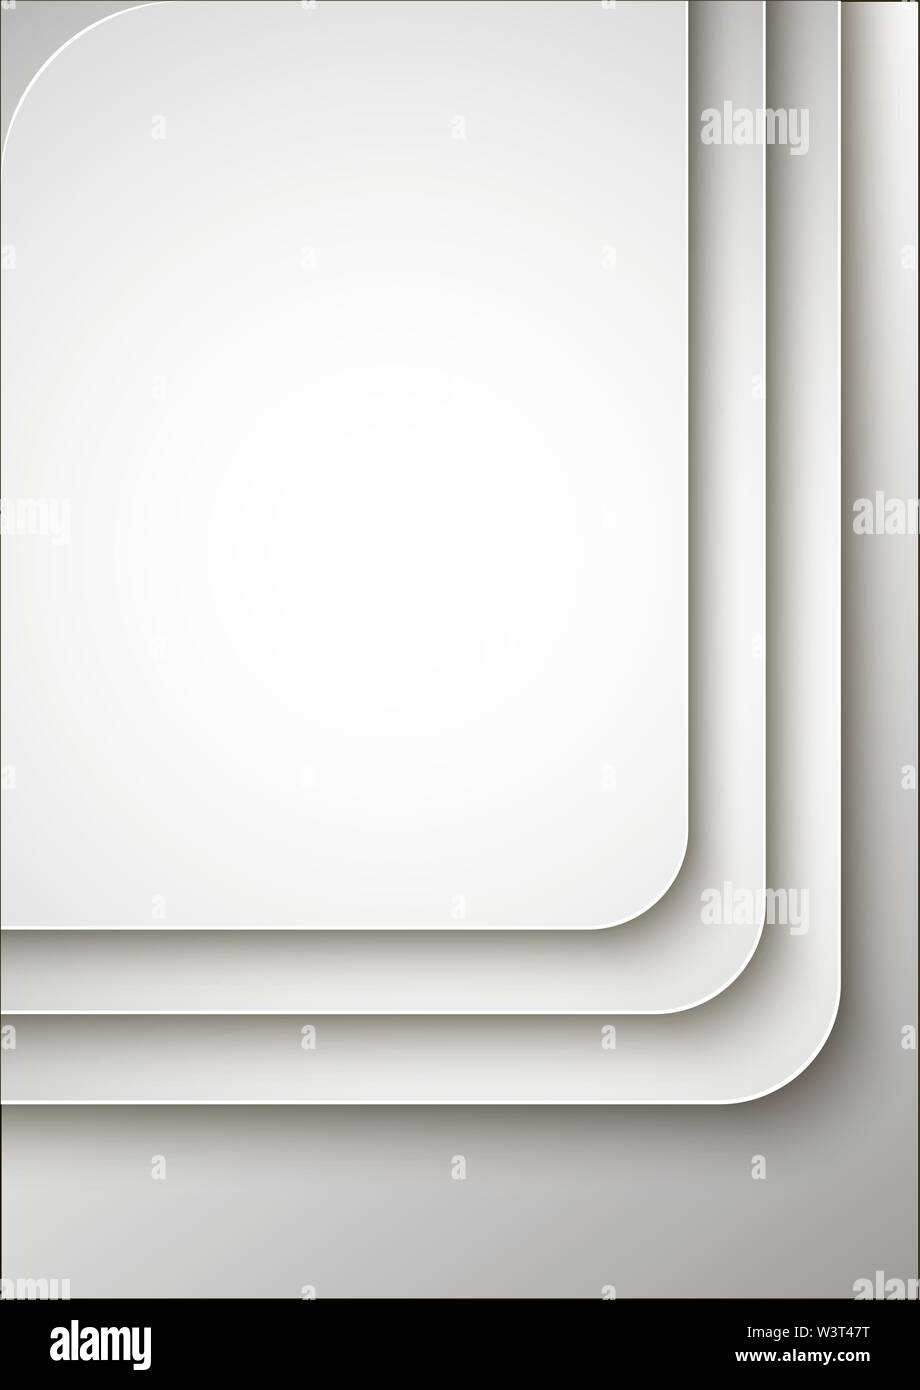 Résumé de la couverture ou modèle de conception de l'affiche. Vector illustration. Photo Stock